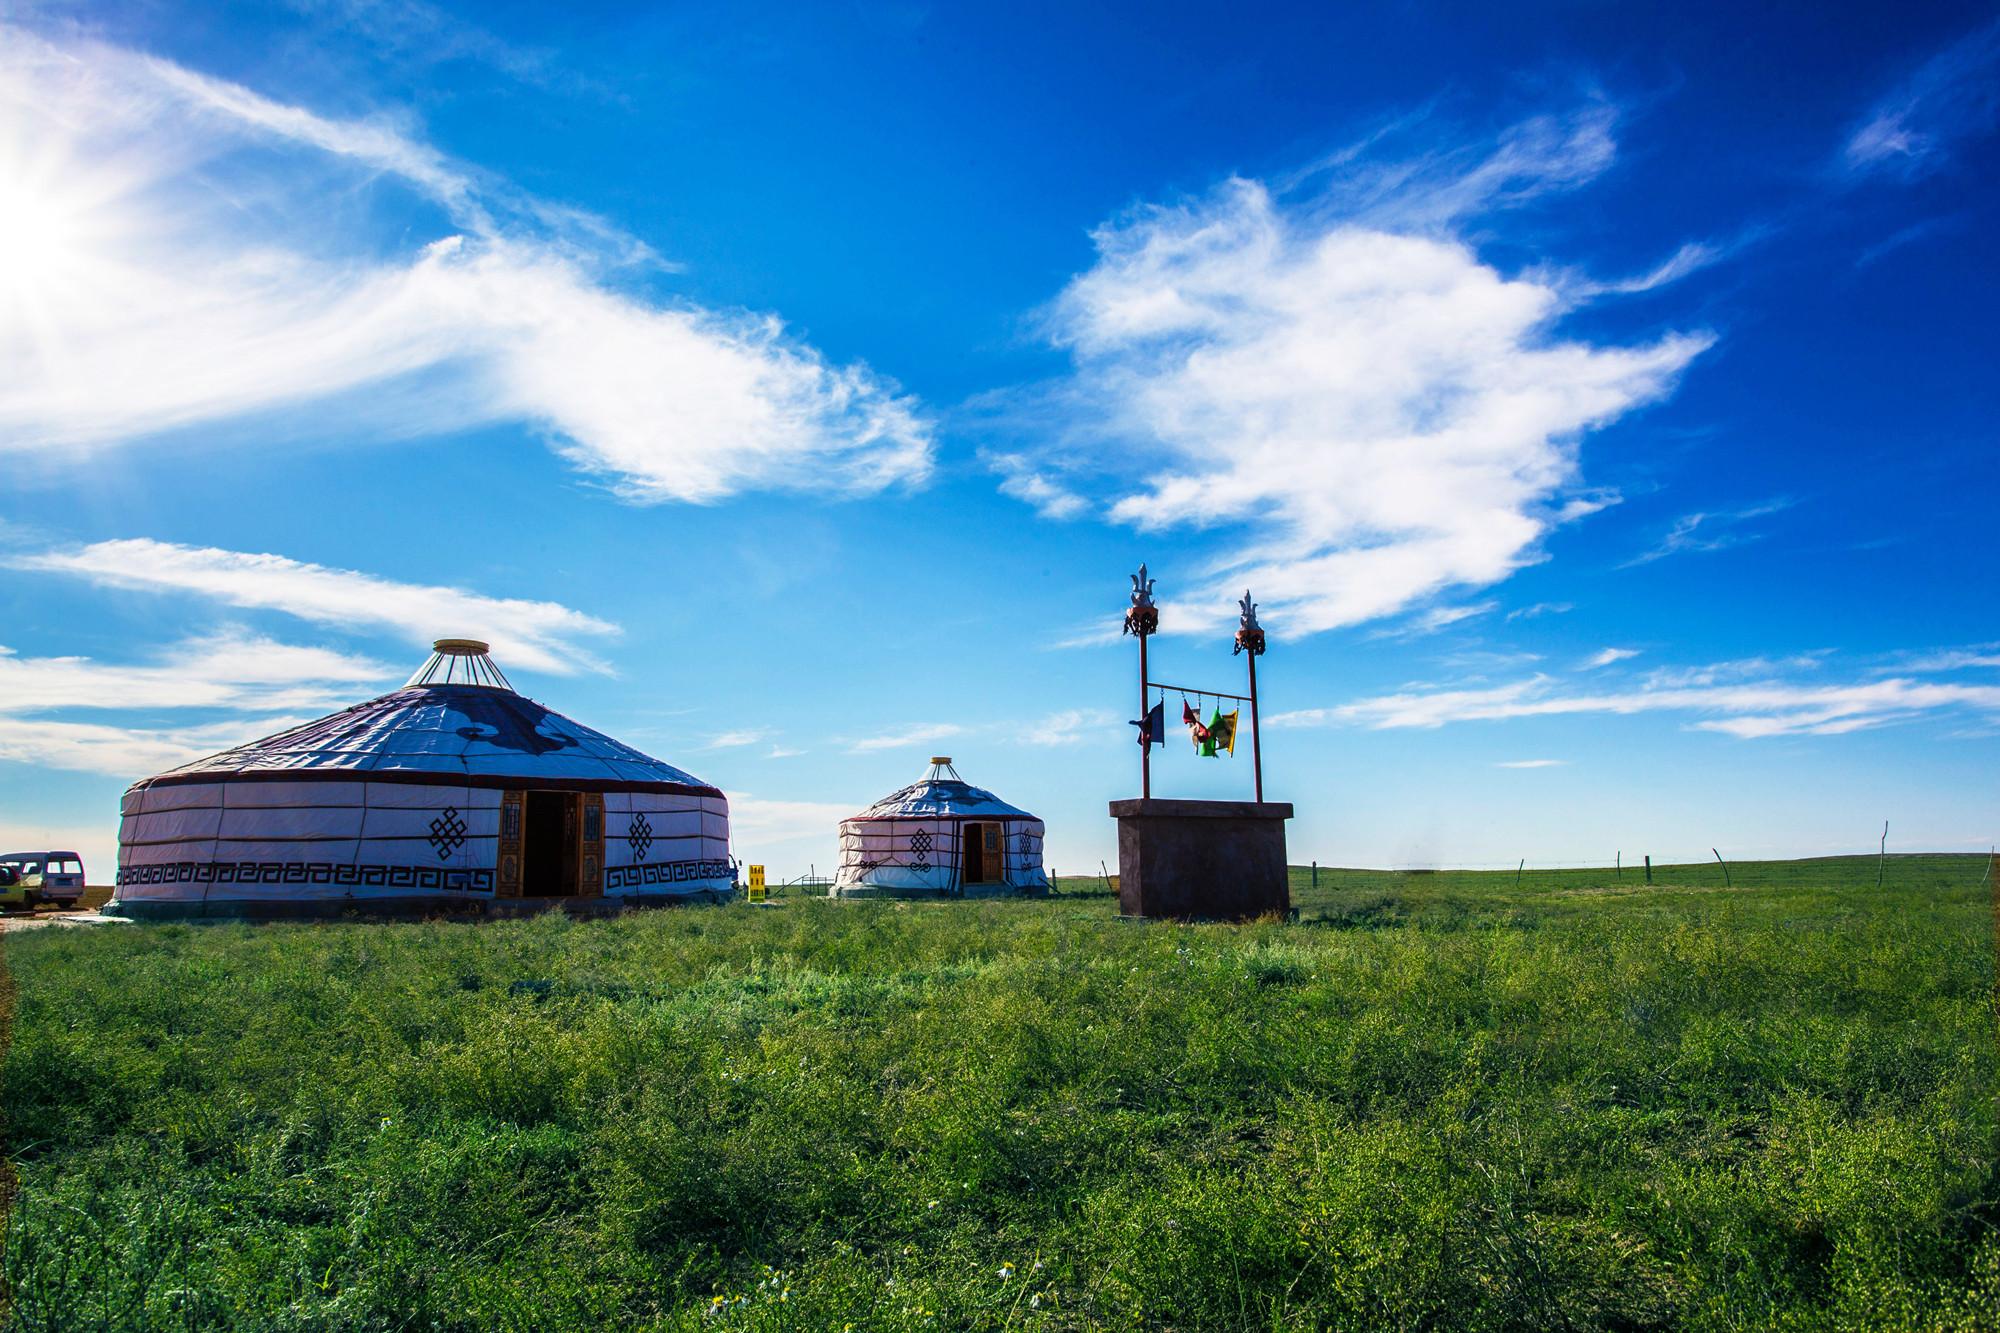 内蒙古鄂尔多斯+鄂尔多斯草原旅游区+响沙湾5日4晚自由行(5钻)·【鄂